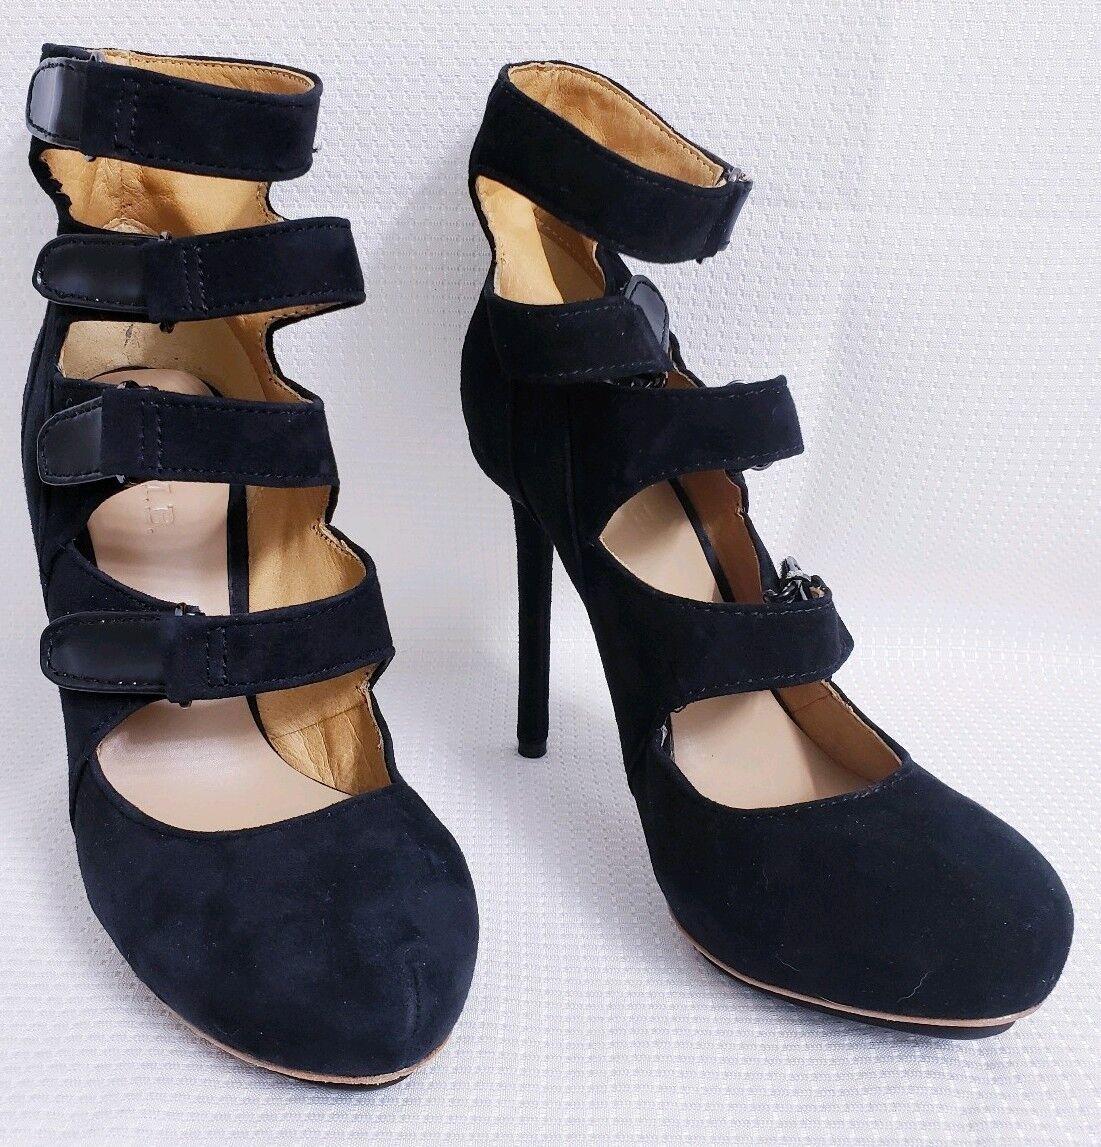 Prezzo al piano L.A.M.B. LAMB Giorgio avvioIES nero Stiletto Strappy Heels sz 8 8 8 M  325  conveniente